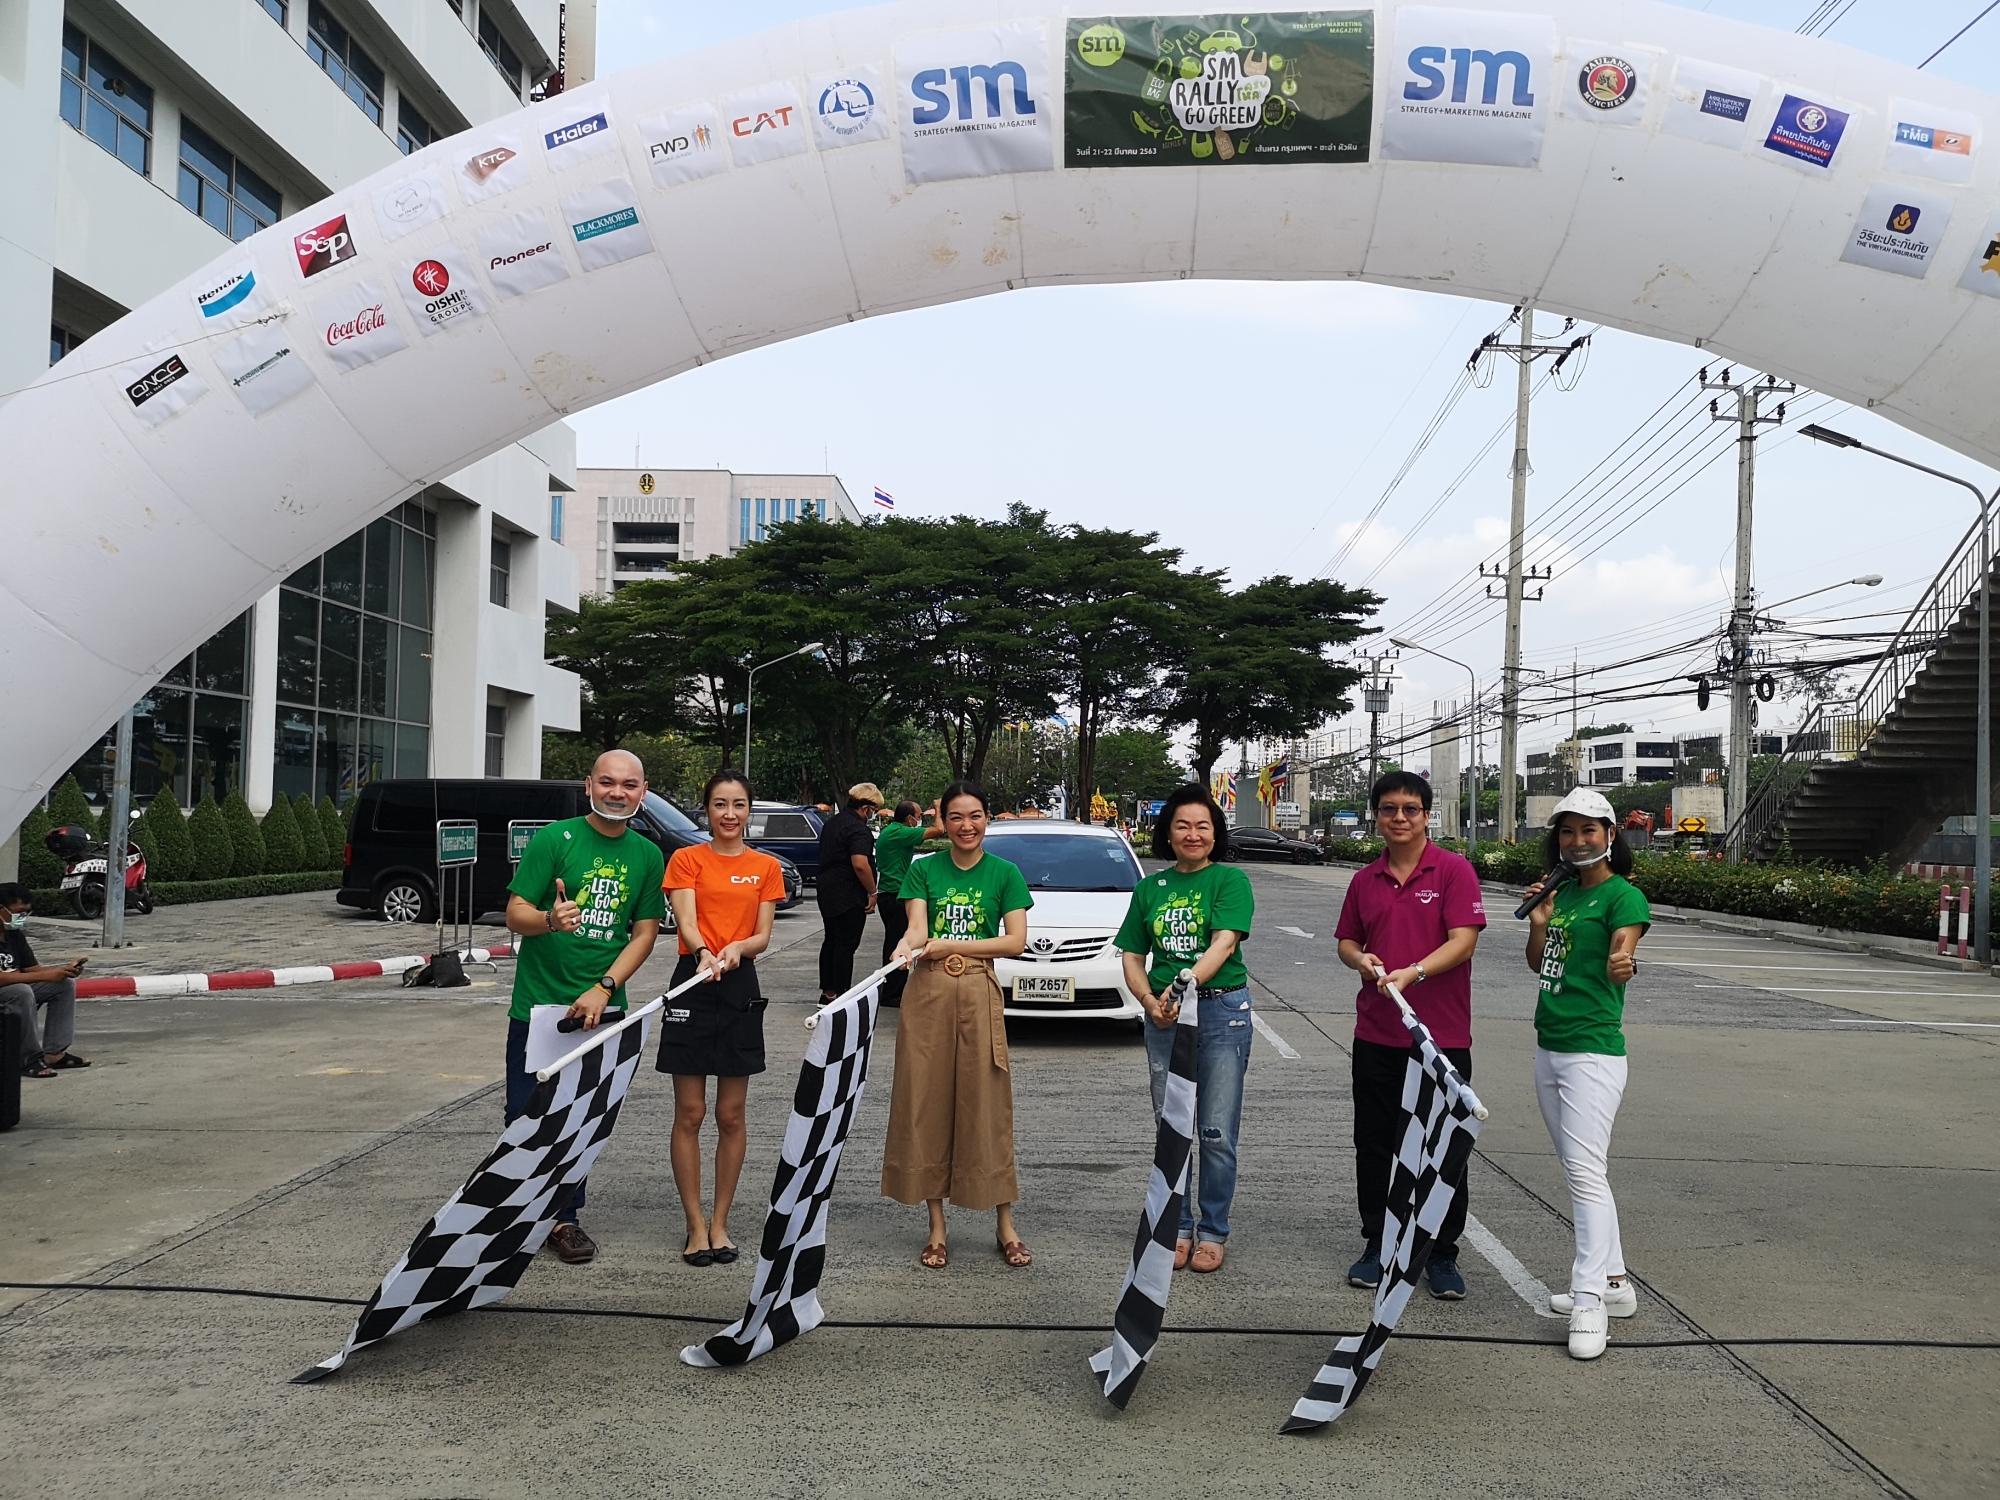 ขับรถแรลลี่เที่ยวชะอำ-หัวหิน จังหวัดเพชรบุรี กับ SM Rally ครบโหล Go Green ครั้งที่ 12